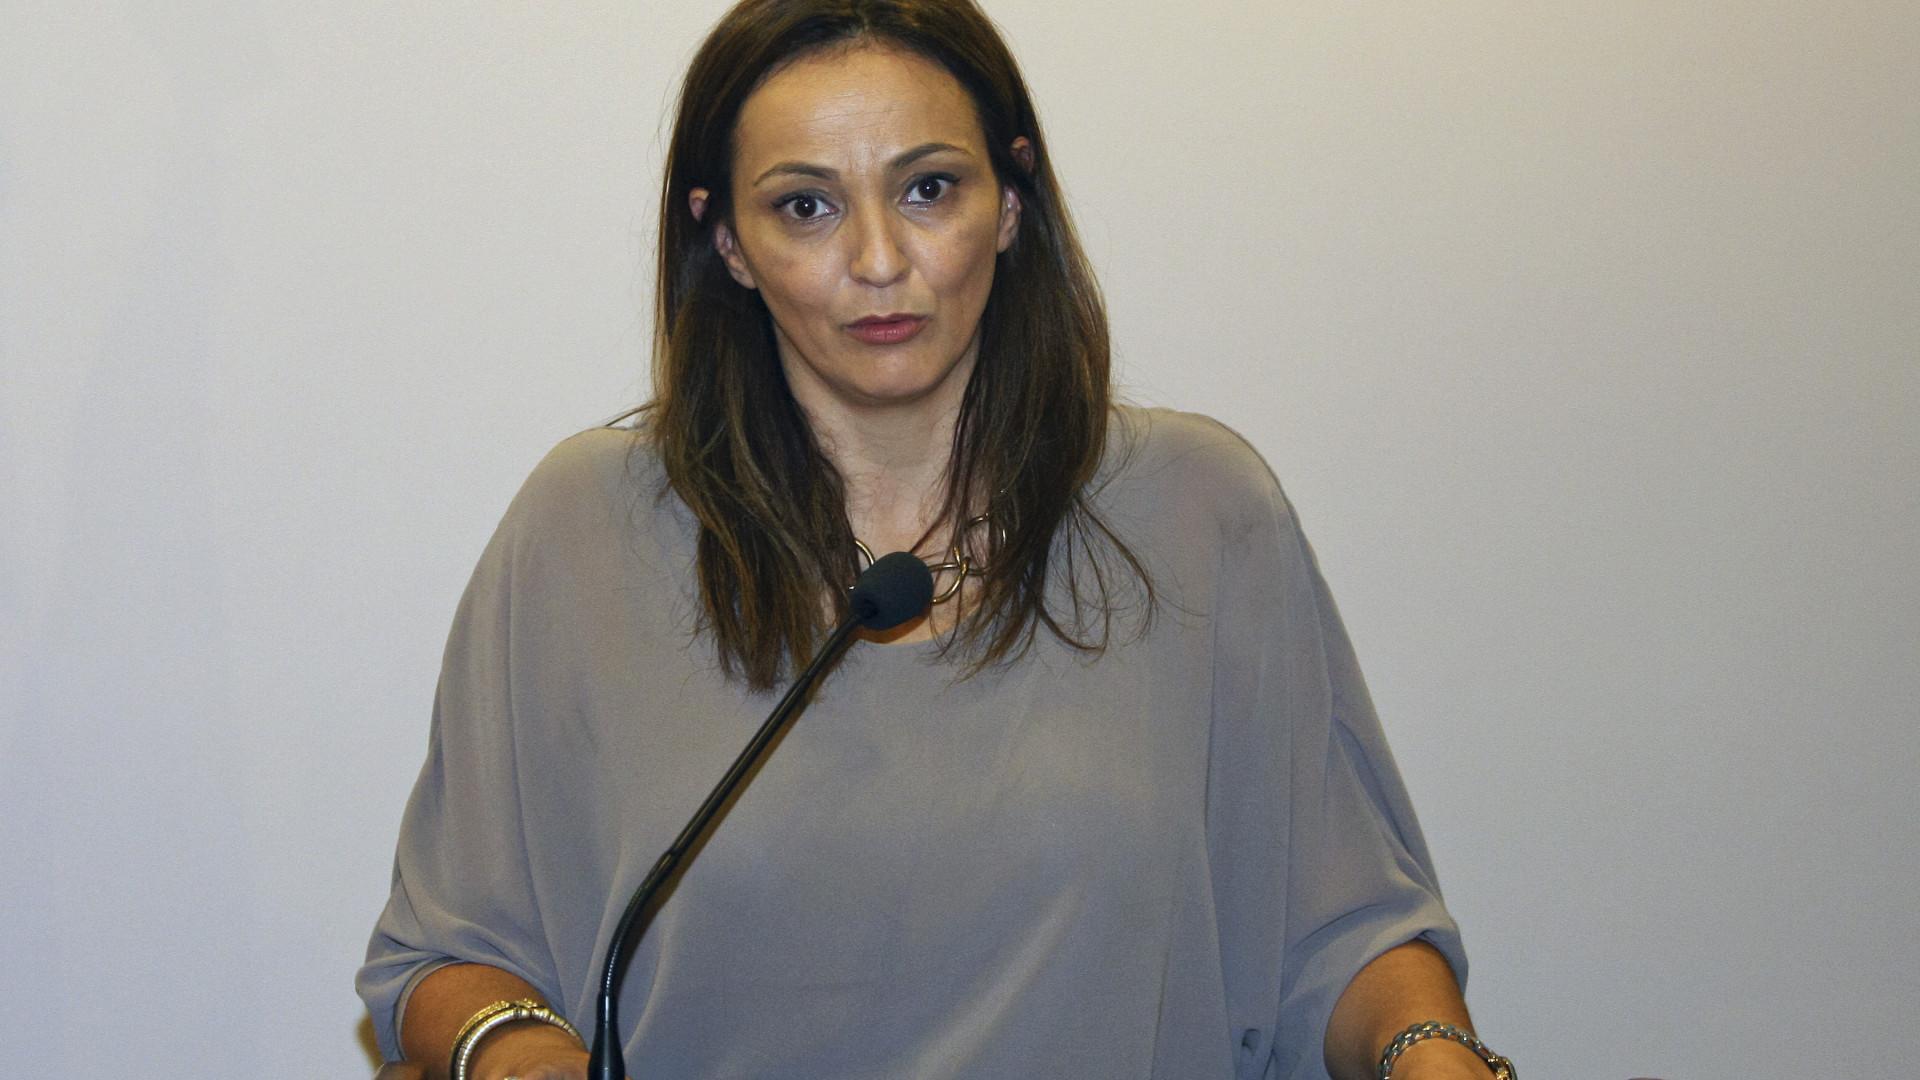 """Andreia Couto defende-se: """"Desminto categoricamente"""""""